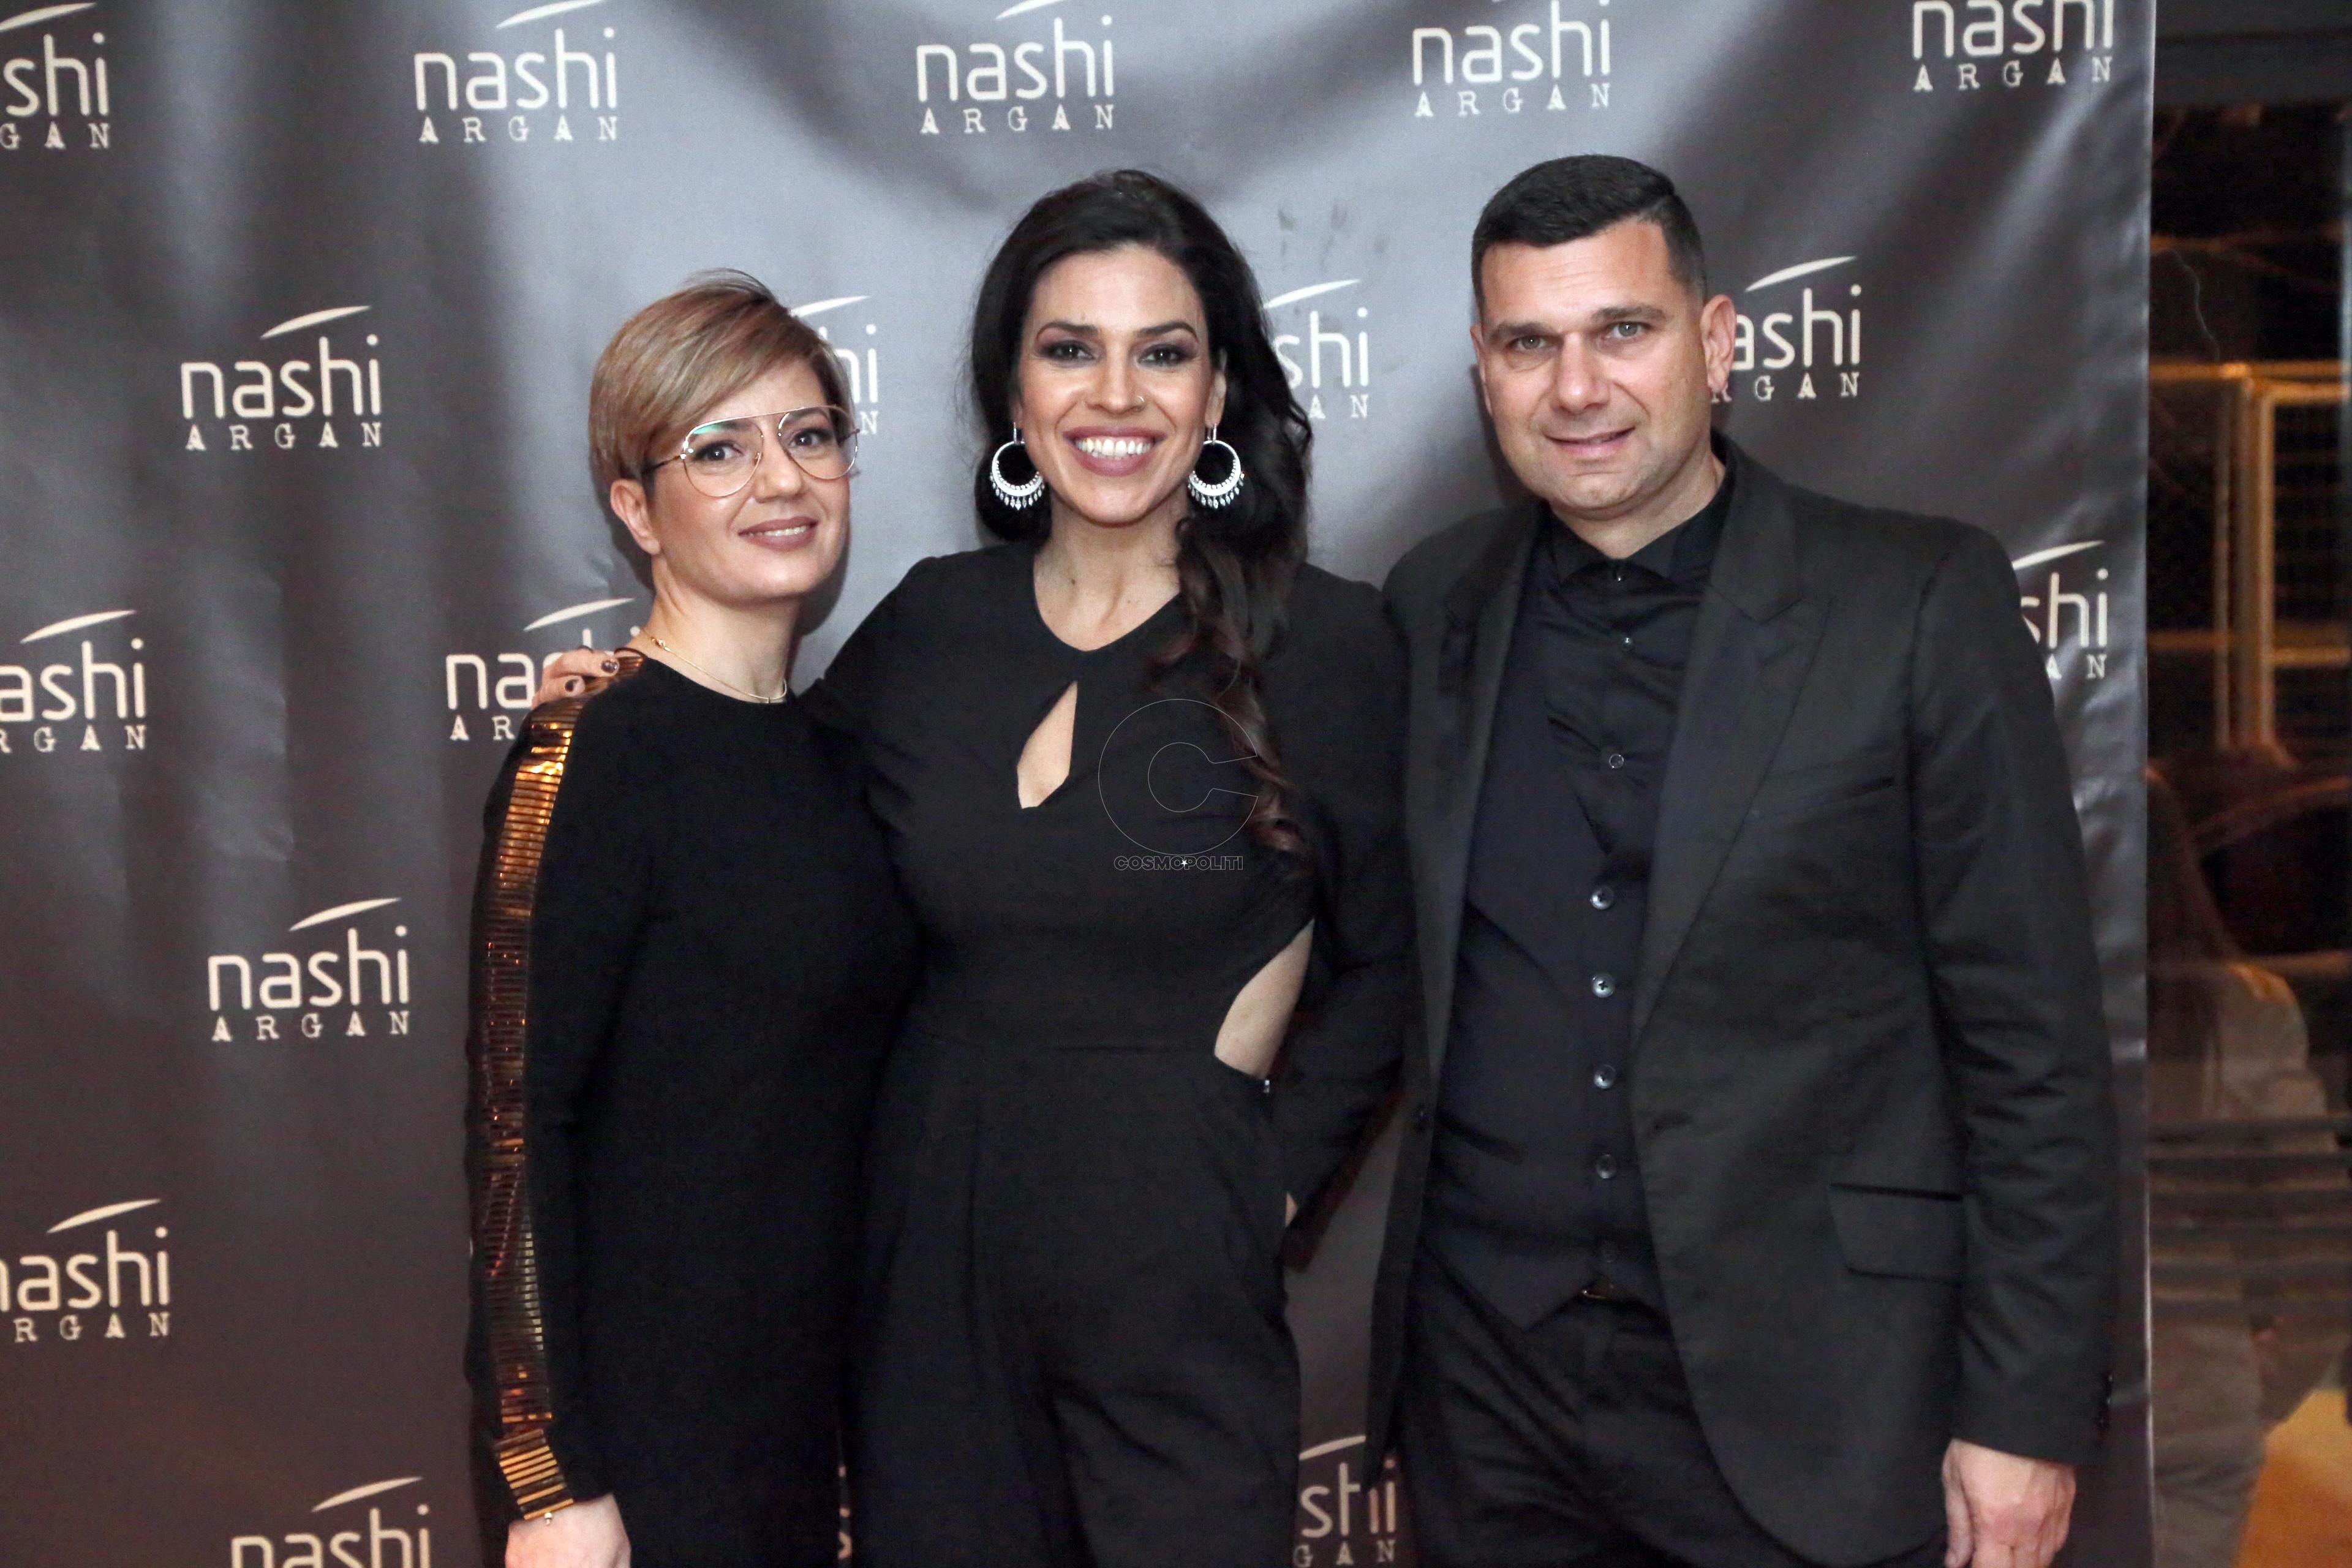 9.9 Αναστασία Ρουμελιώτη Product Manager Nashi Argan, με την Ναταλία Δραγούμη και τον Θοδωρή Βλάχο, Διευθυντή της label